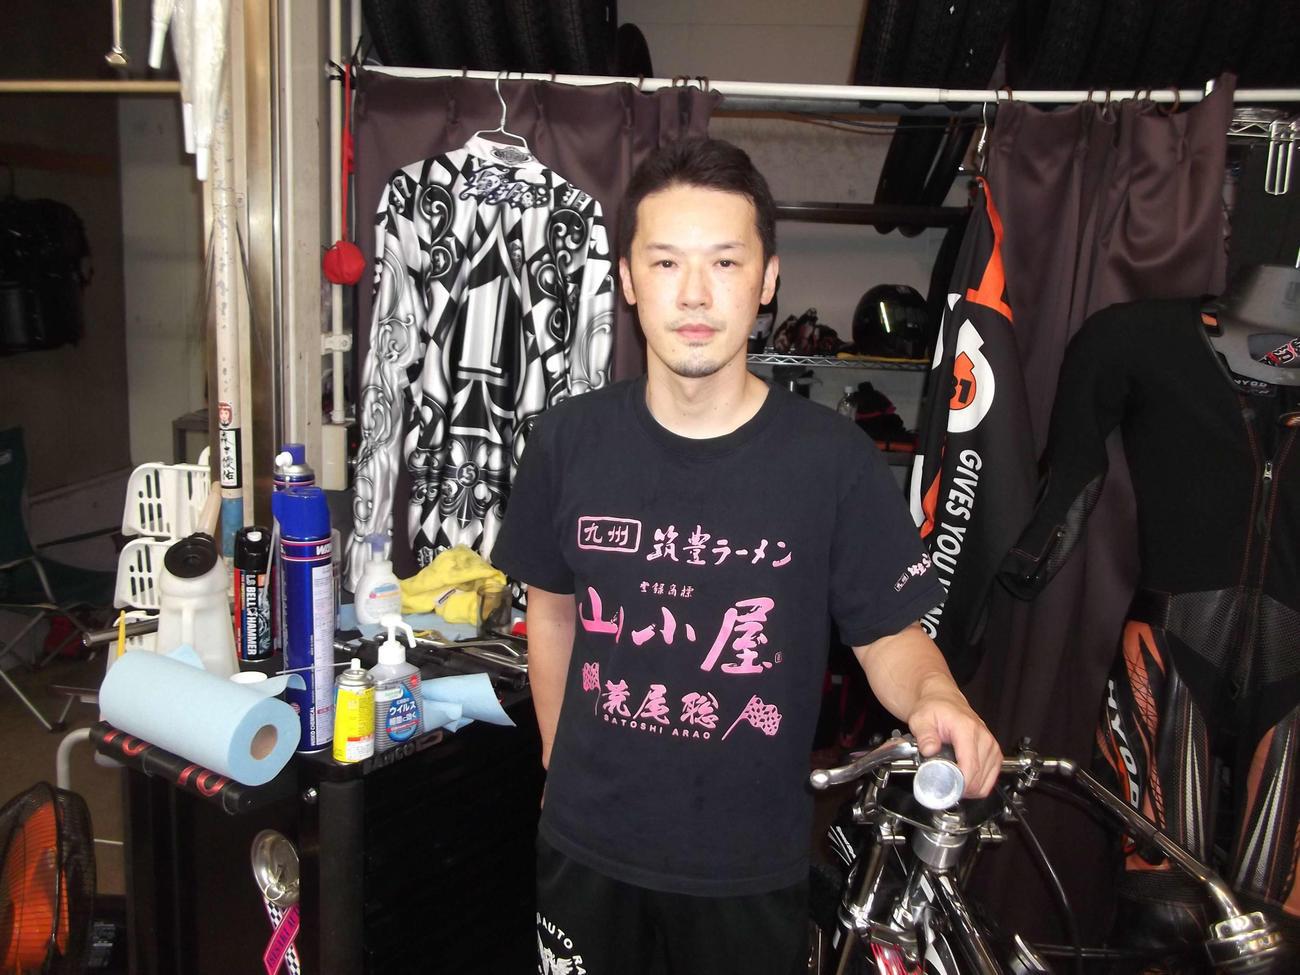 準決勝戦A10Rを1着で通過した渡辺篤が快速を発揮(撮影・小川将司)